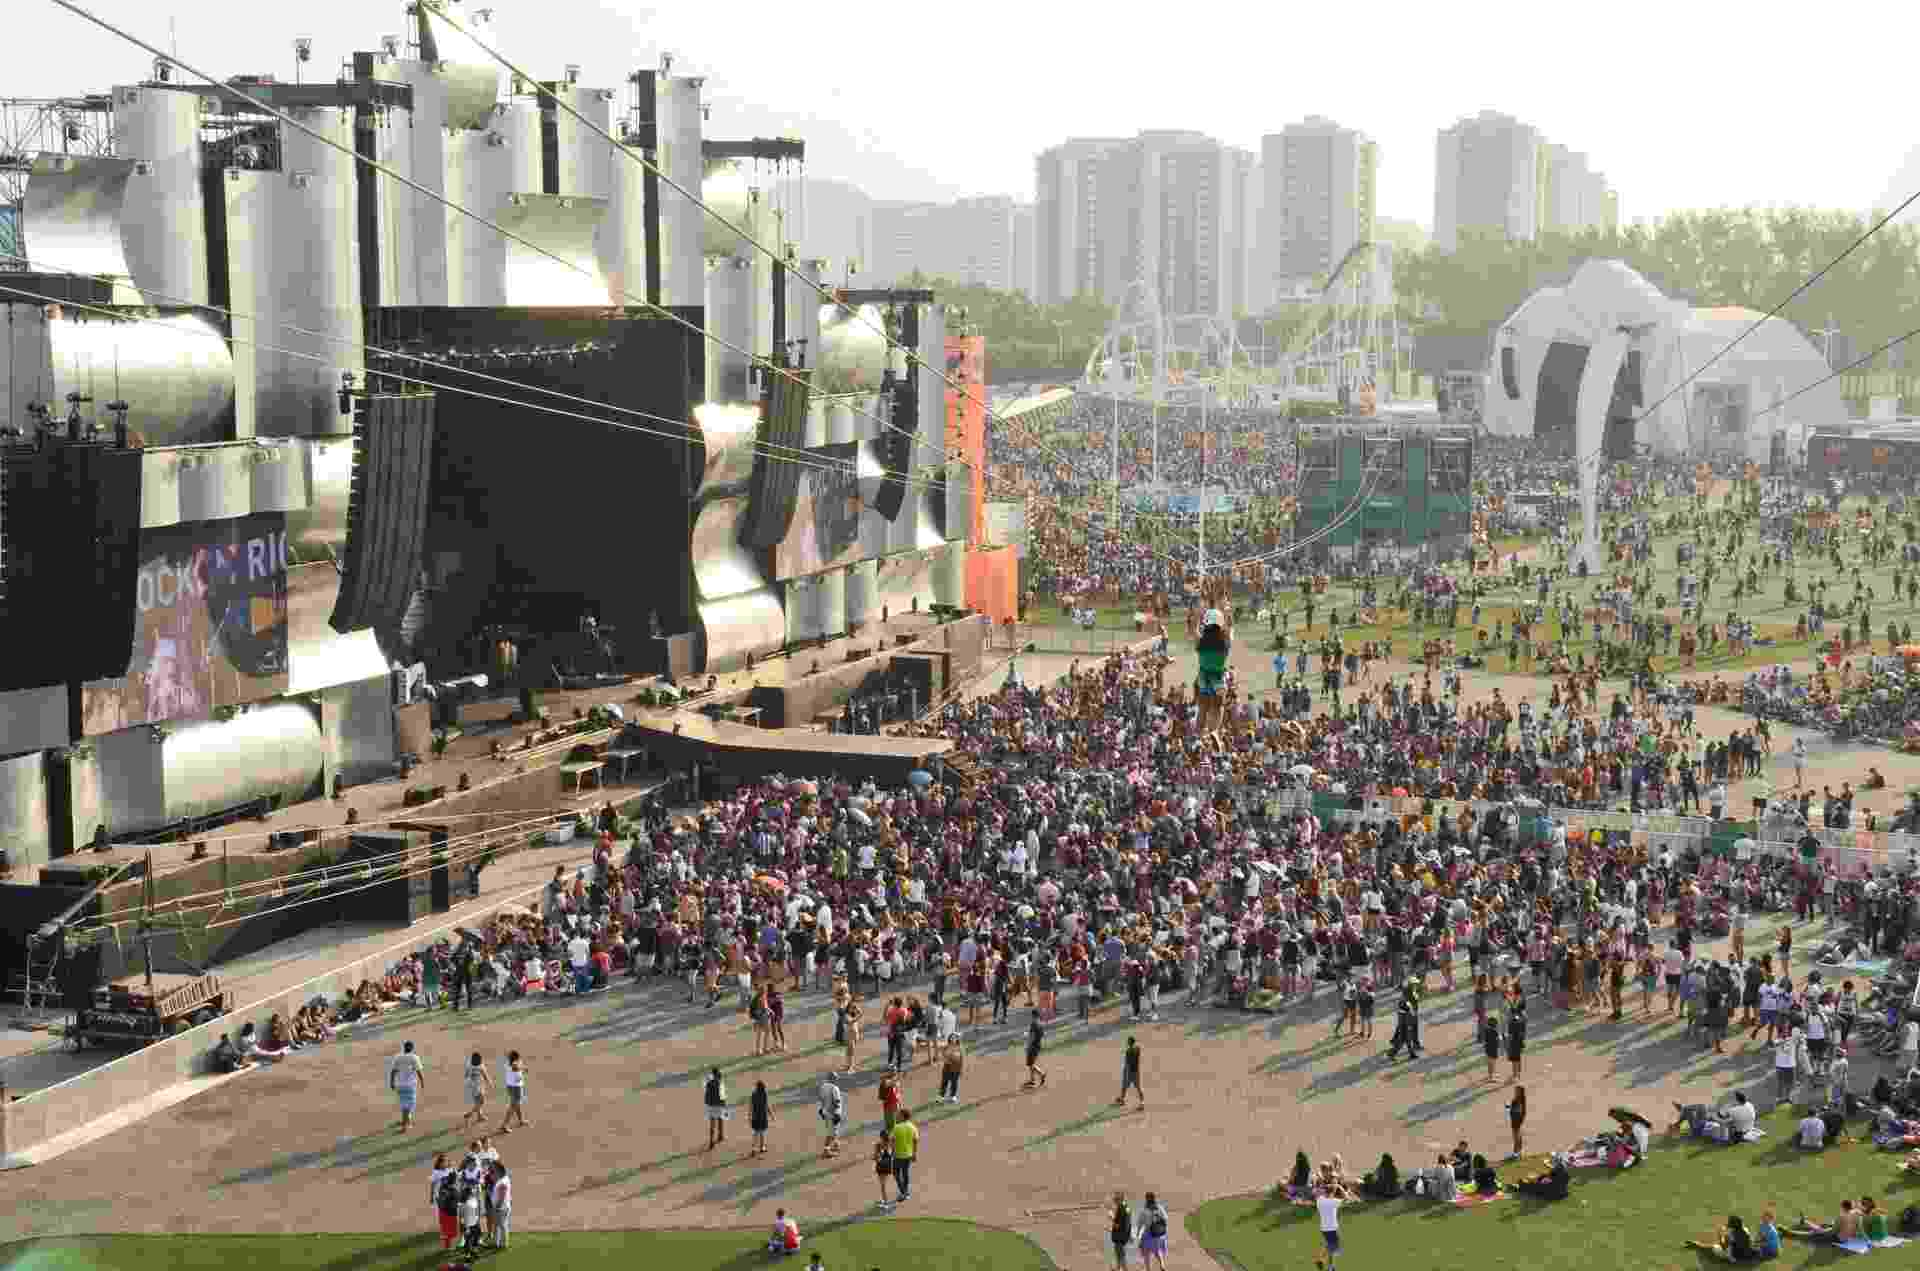 27.set.2015 - Público começa a se aglomerar em torno do palco Sunset para o último dia do Rock in Rio 2015 - Adriano Ishibashi/Agência Estado